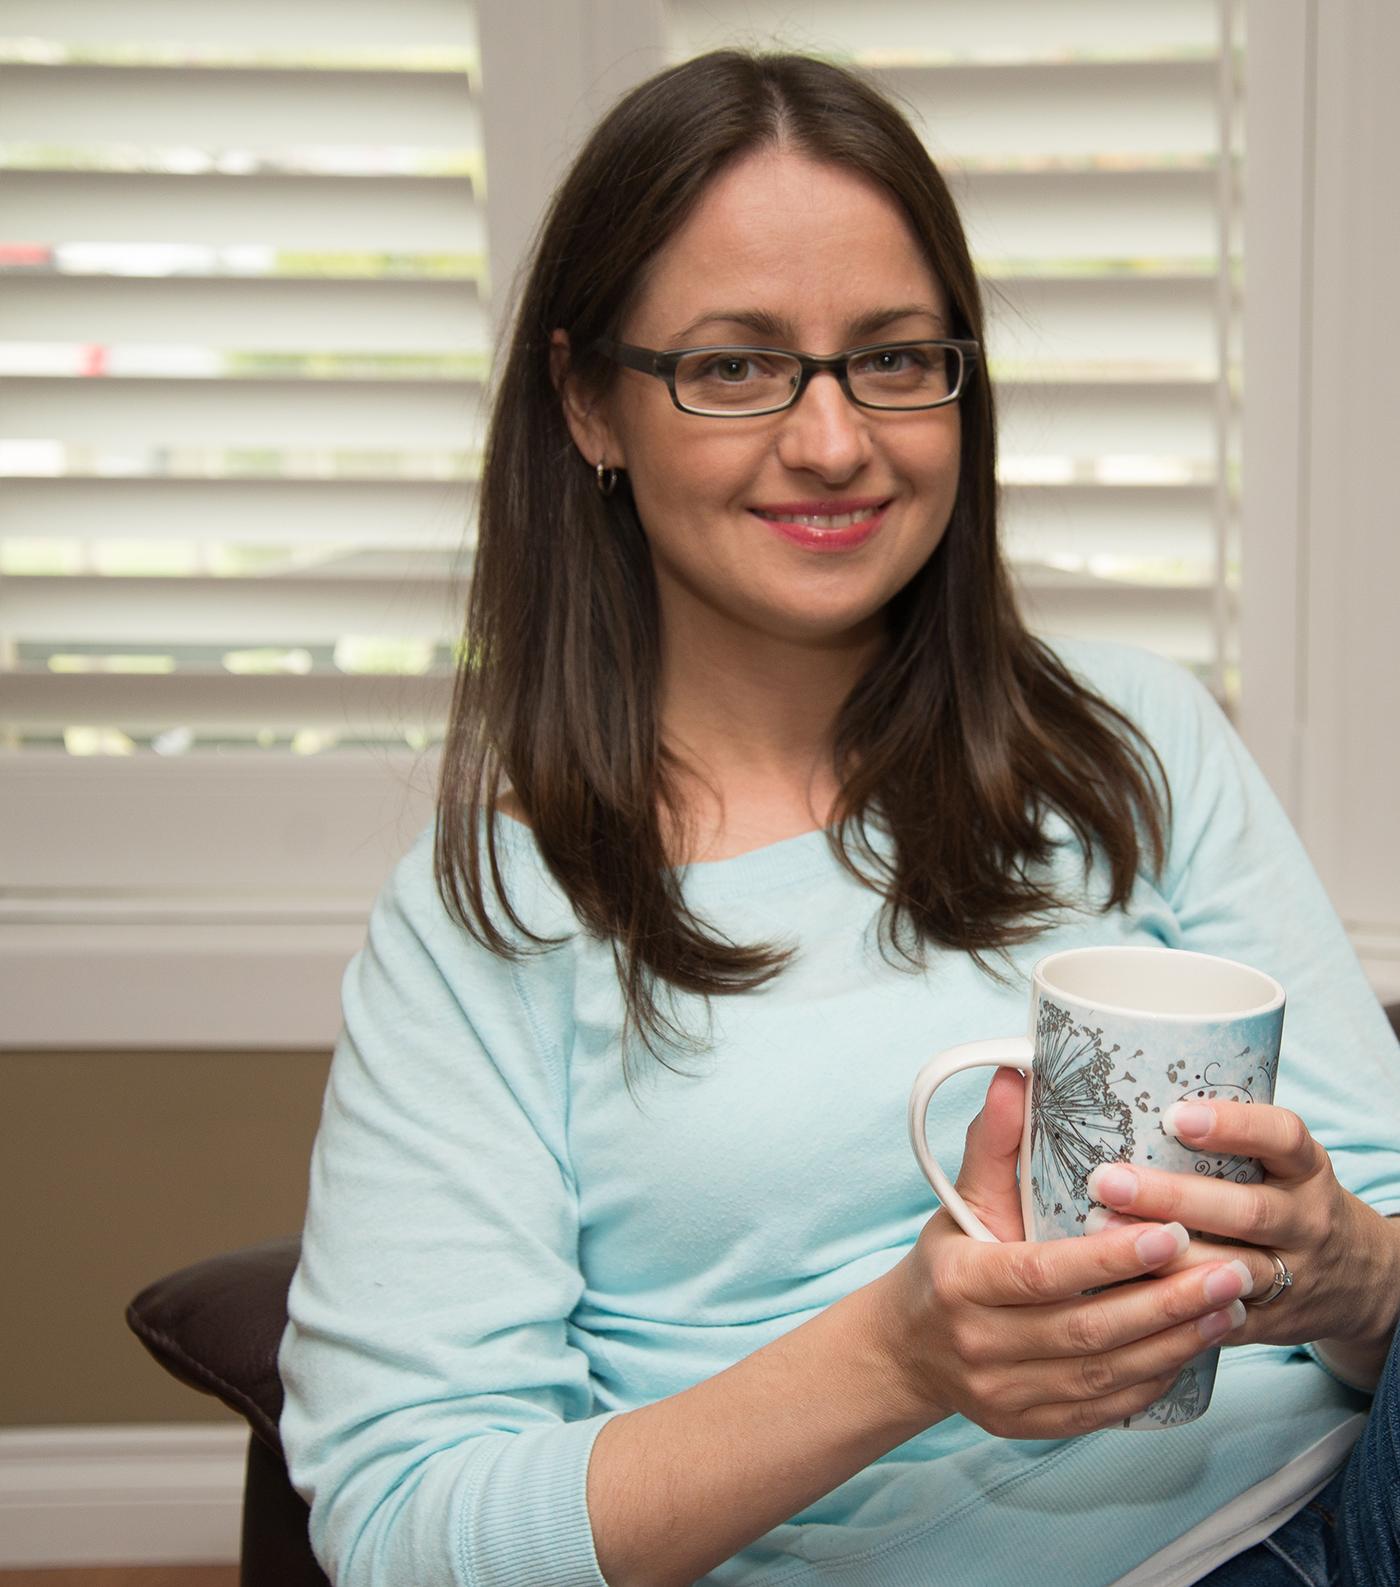 Guest Author Leesa Klich, Health Writer